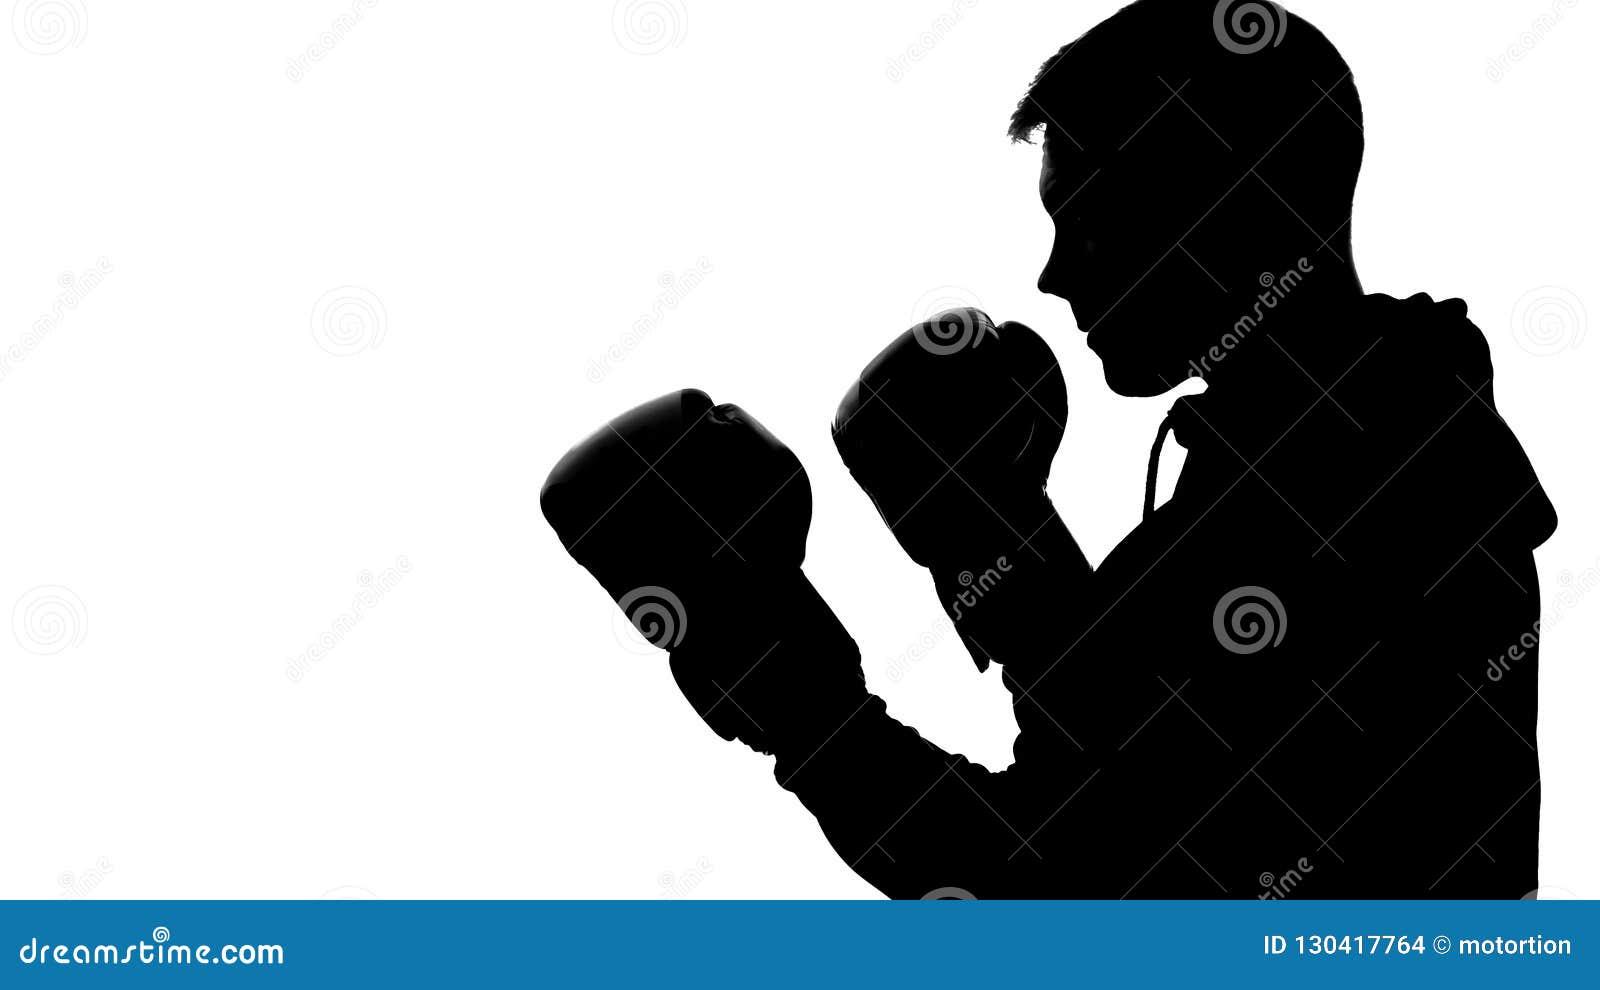 Mörk manlig kontur i huven som anfaller motståndaren, skugga-boxning självförsvar